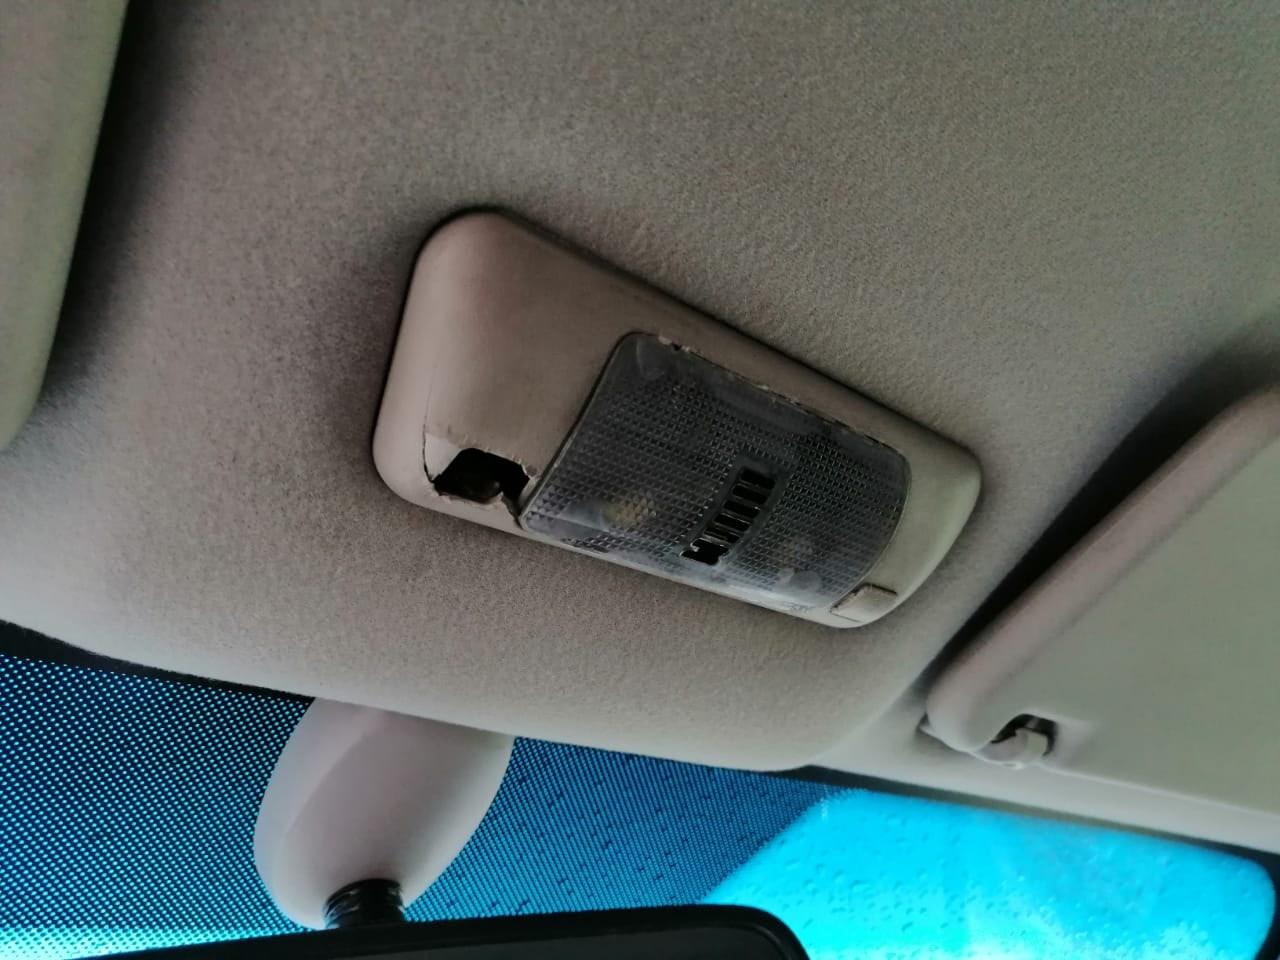 Житель Брянска обвинил автосервис в уничтожении своего автомобиля